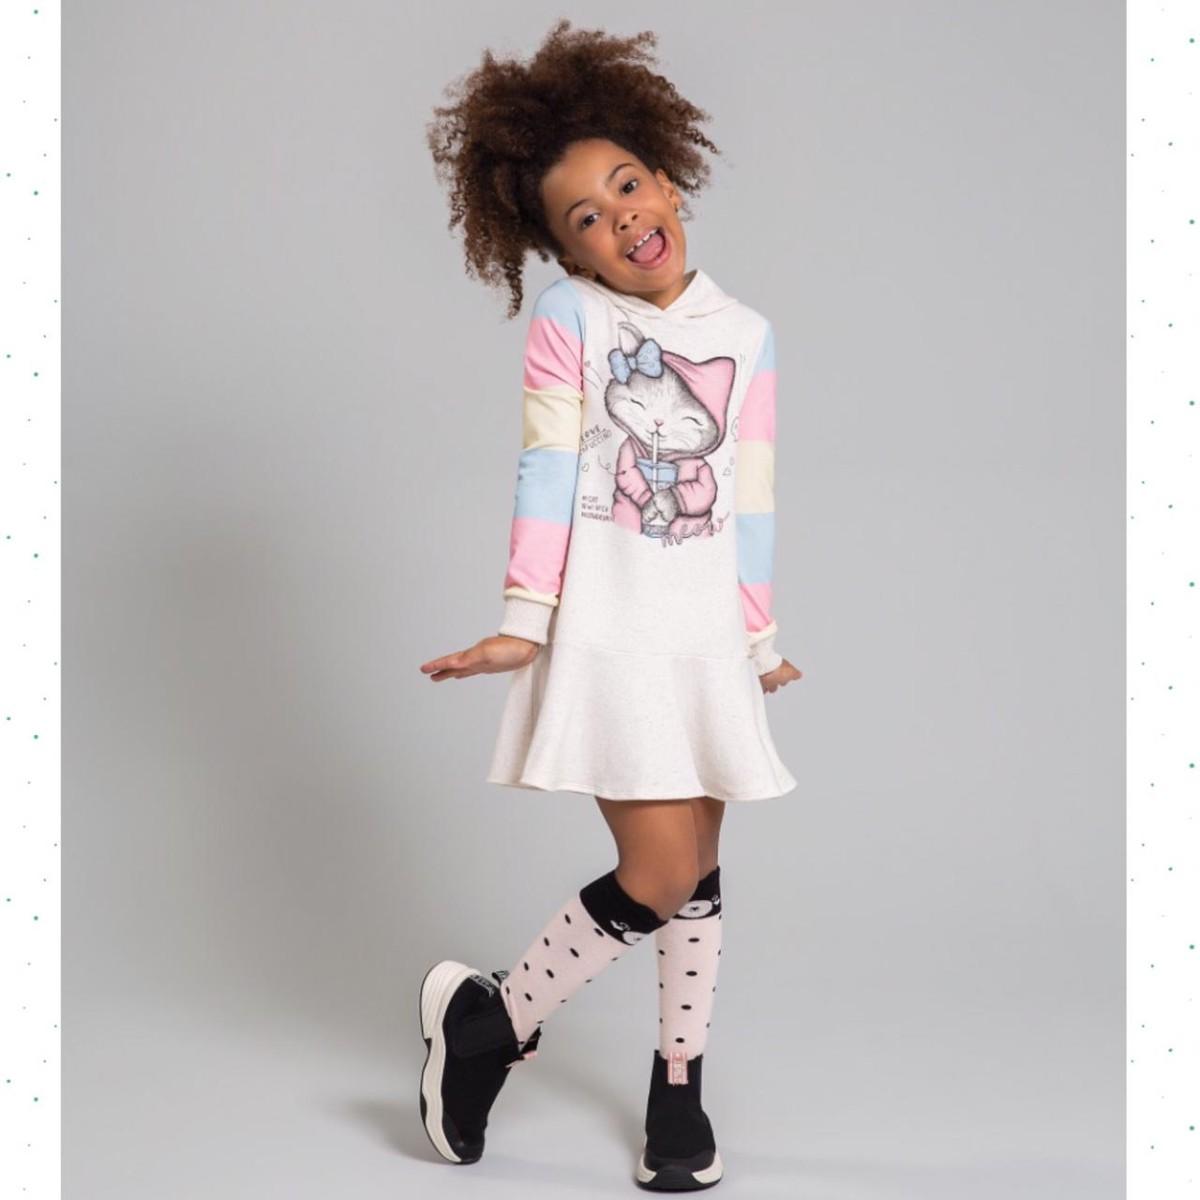 Vestido Infantil Kukiê em Molecotton Estampado com Capuz